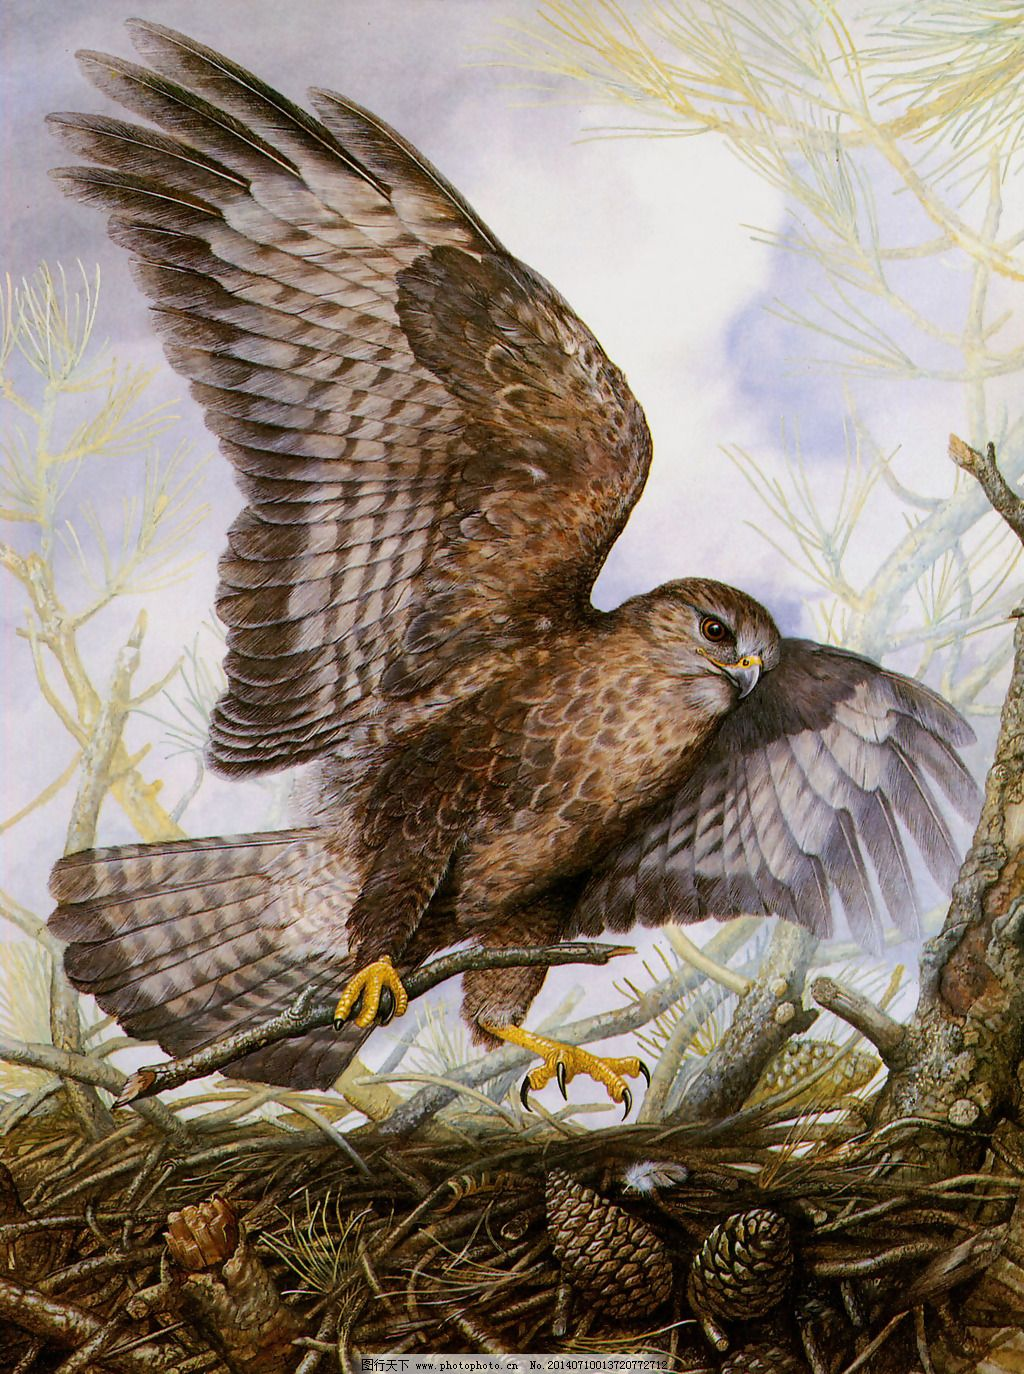 位图 植物 树叶 动物 鸟 免费素材 位图免费下载 服装图案 面料图库